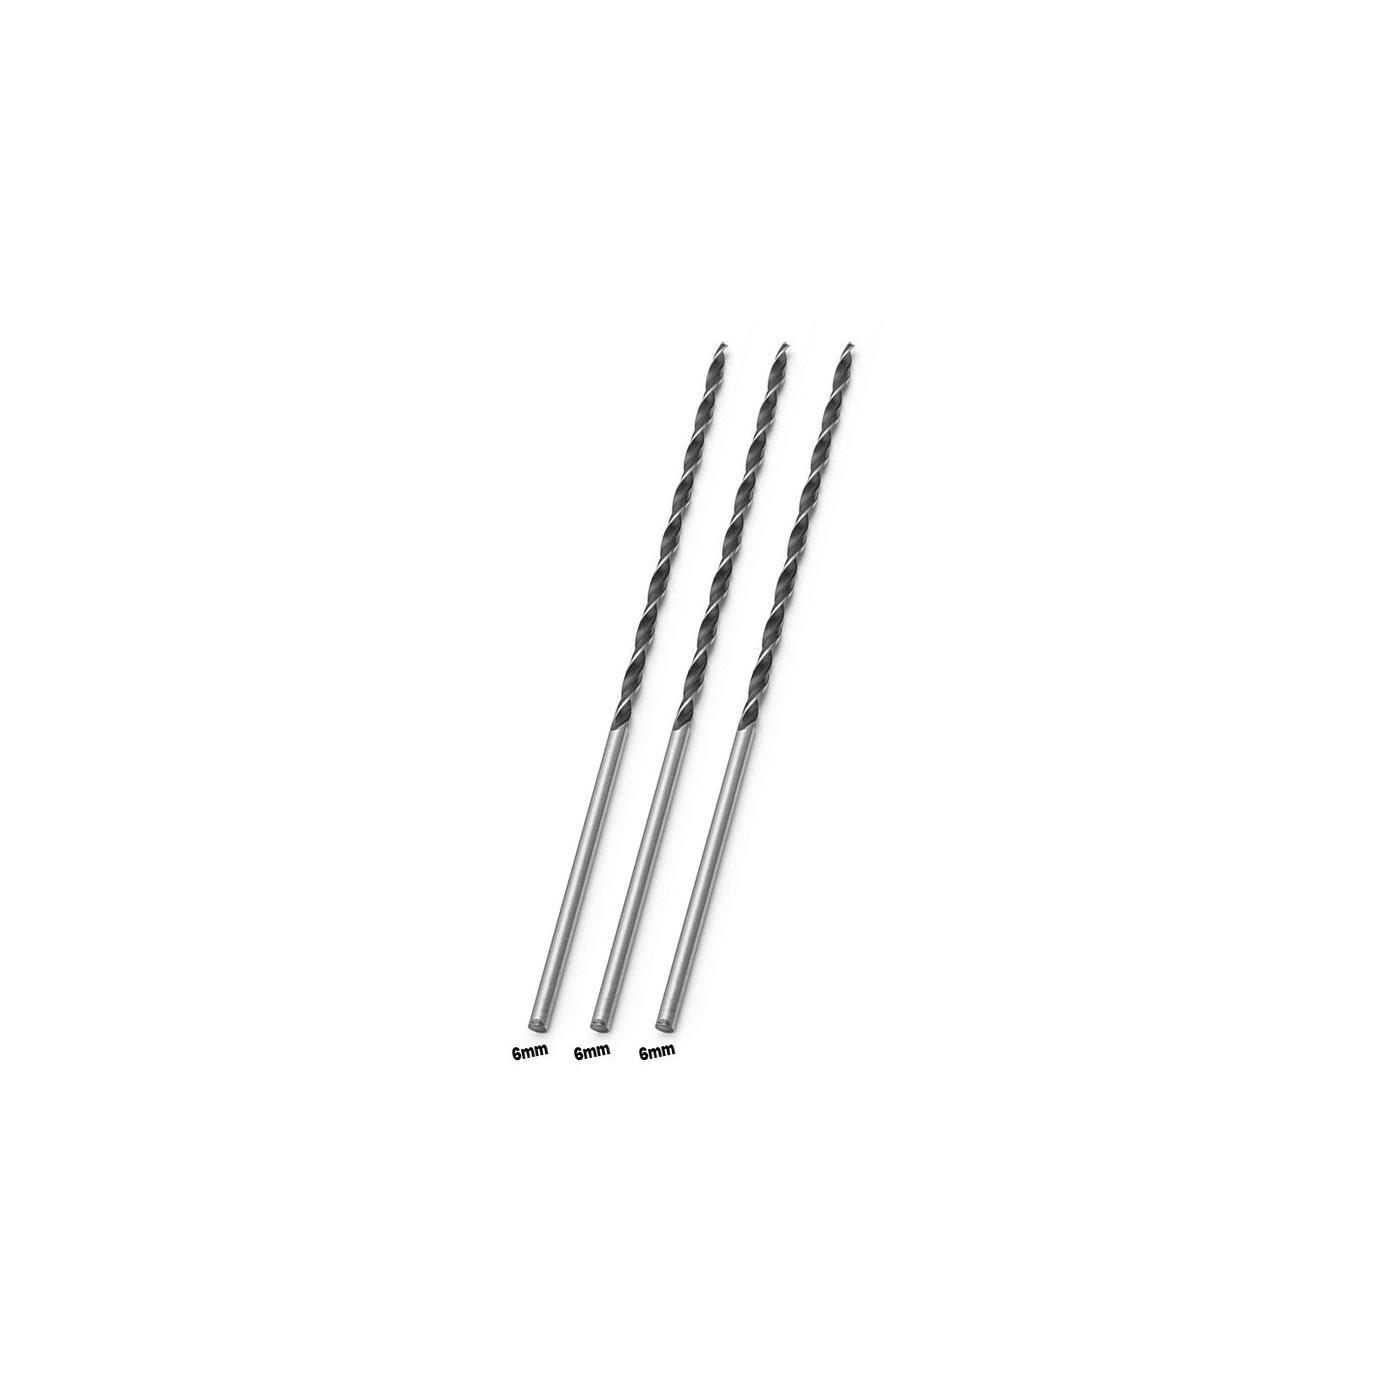 Jeu de 3 forets à bois extra longs (6x300 mm)  - 1